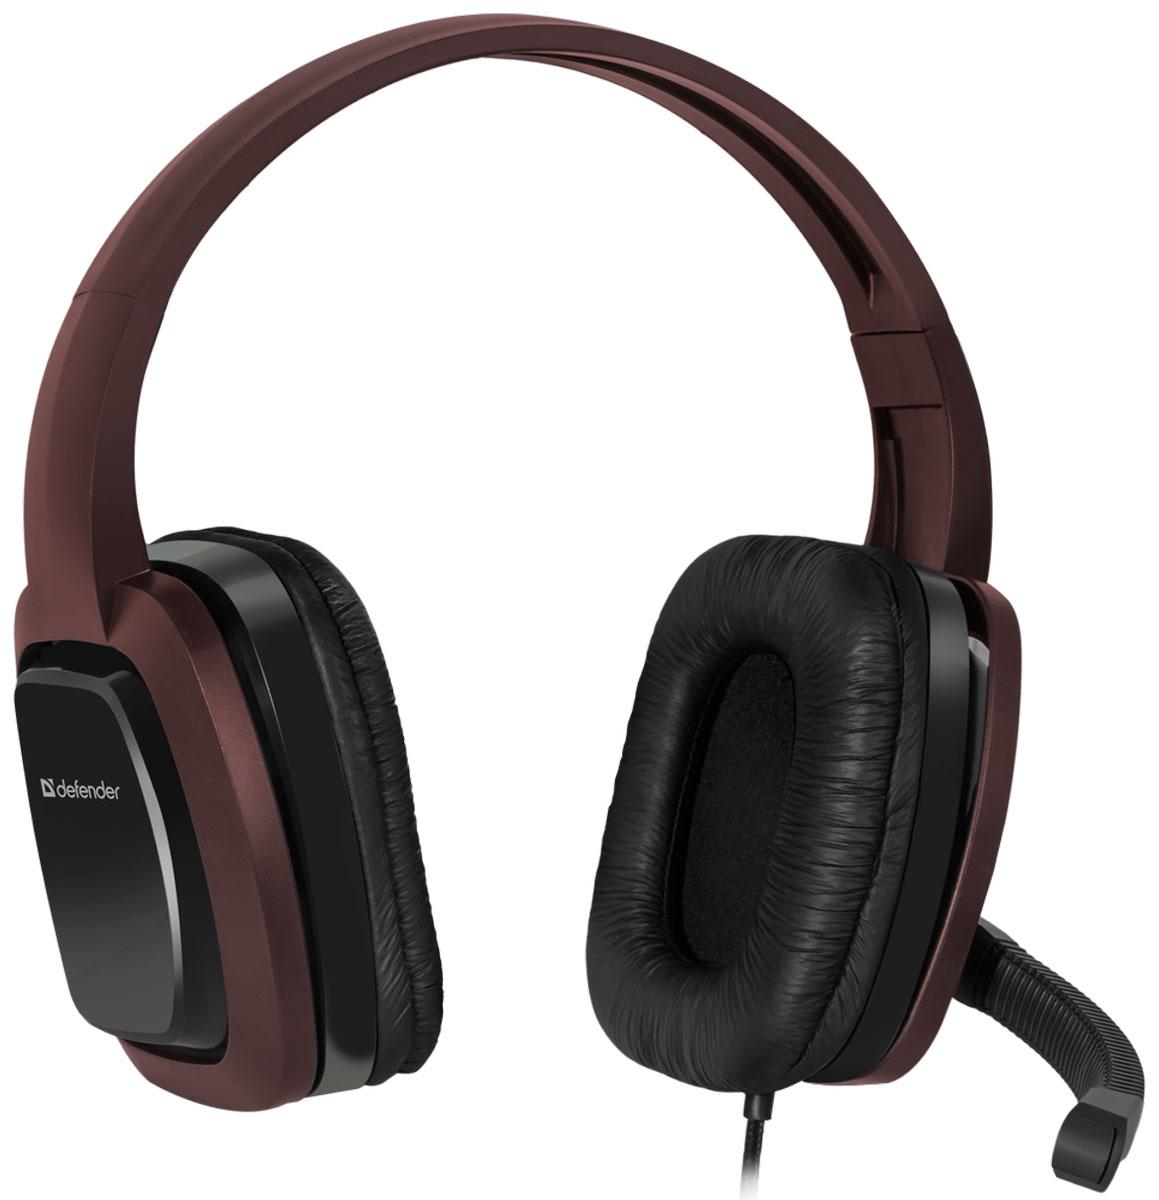 Defender Warhead G-250, Brown игровая гарнитура64120Игровая гарнитура Defender Warhead G-250 предназначена для компьютеров нового поколения, использующих комбинированный четырехпиновый разъем для наушников и микрофона. Наушники закрытого типа с большими 40 мм динамиками гарантируют мощный чистый звук. На кабеле гарнитуры удобно расположен регулятор громкости. Благодаря надежной звукоизоляции и комфортным амбюшурам вы сможете играть или слушать музыку с комфортом - ничто не будет вам мешать!Частотный диапазон микрофона: 20 Гц - 16 кГцСопротивление микрофона: 2,2 кОмЧувствительность микрофона: 54 дБ